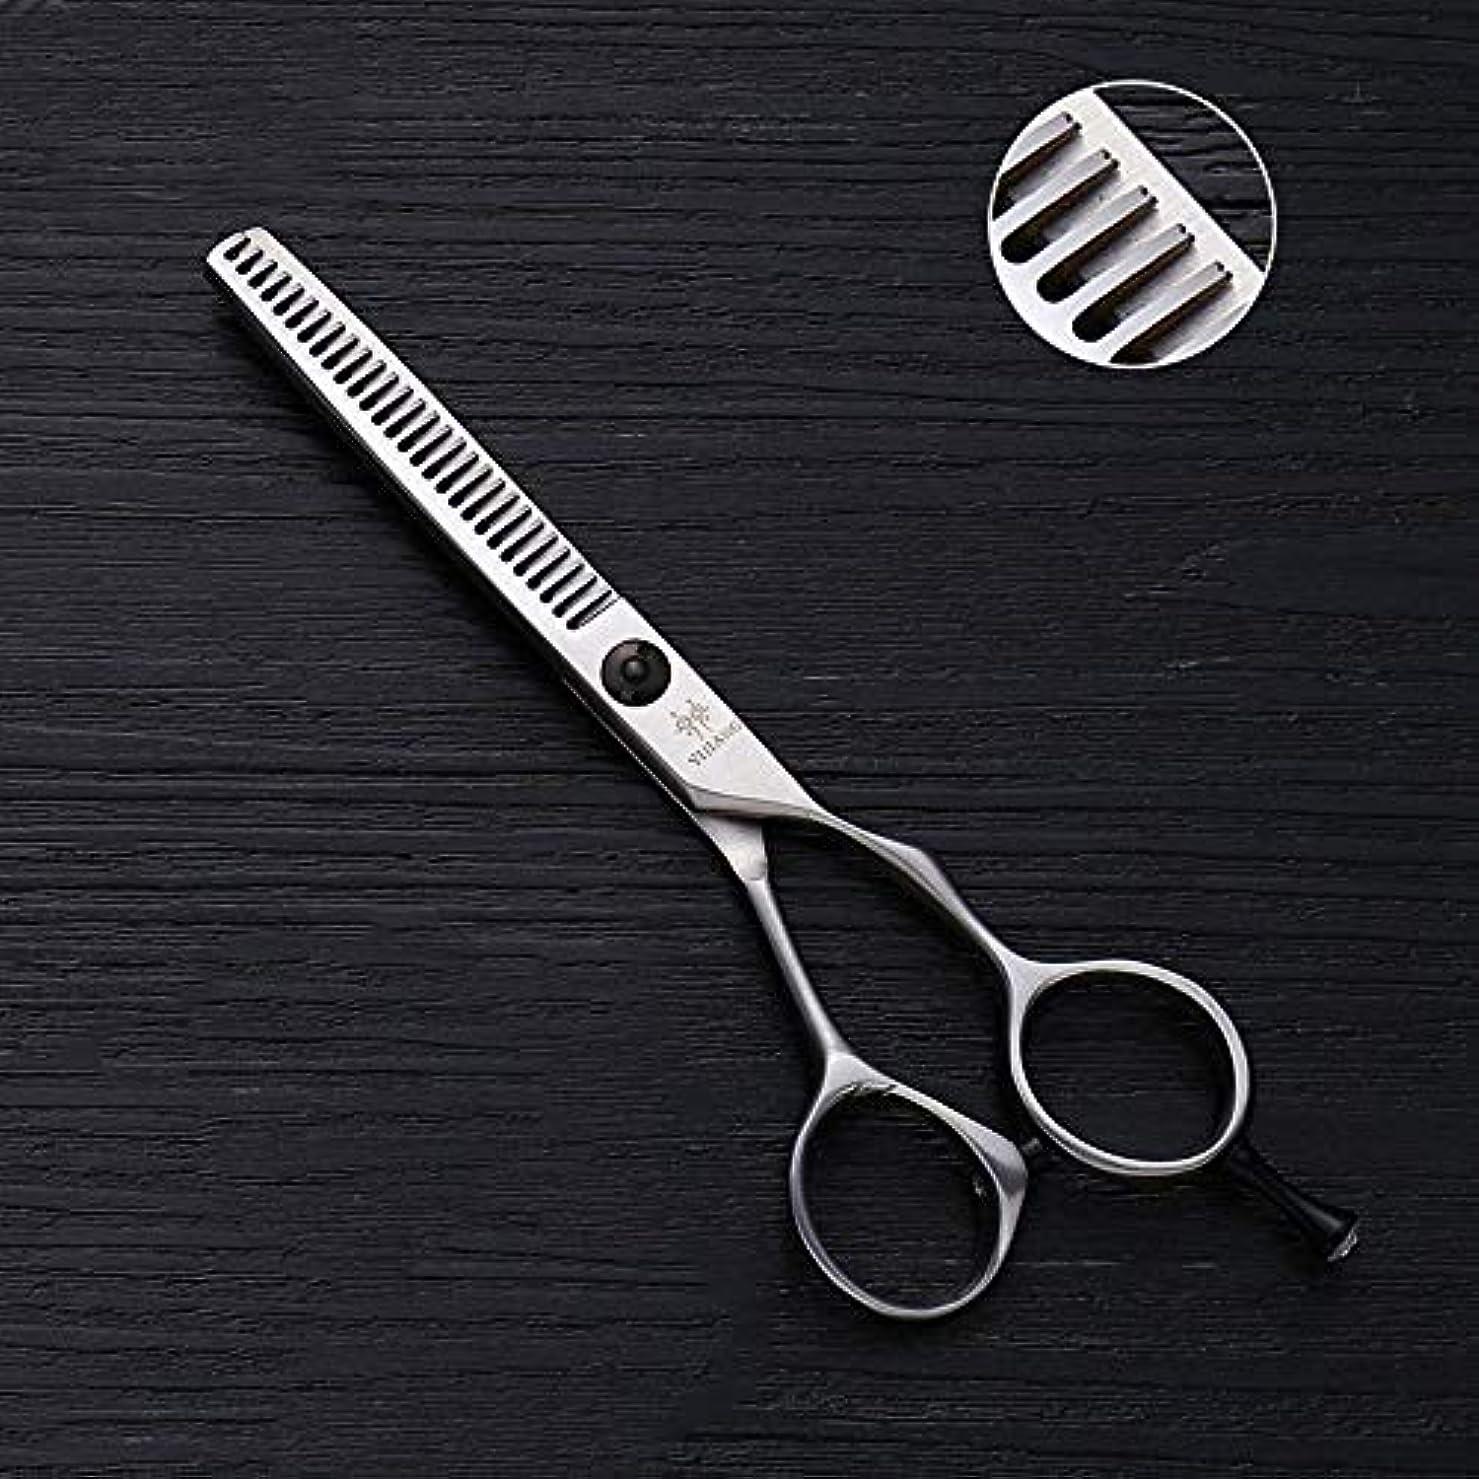 アーカイブドル限定5インチの理髪はさみ、28歯の間伐はさみ、ステンレス鋼のV歯ヘアカット モデリングツール (色 : Silver)